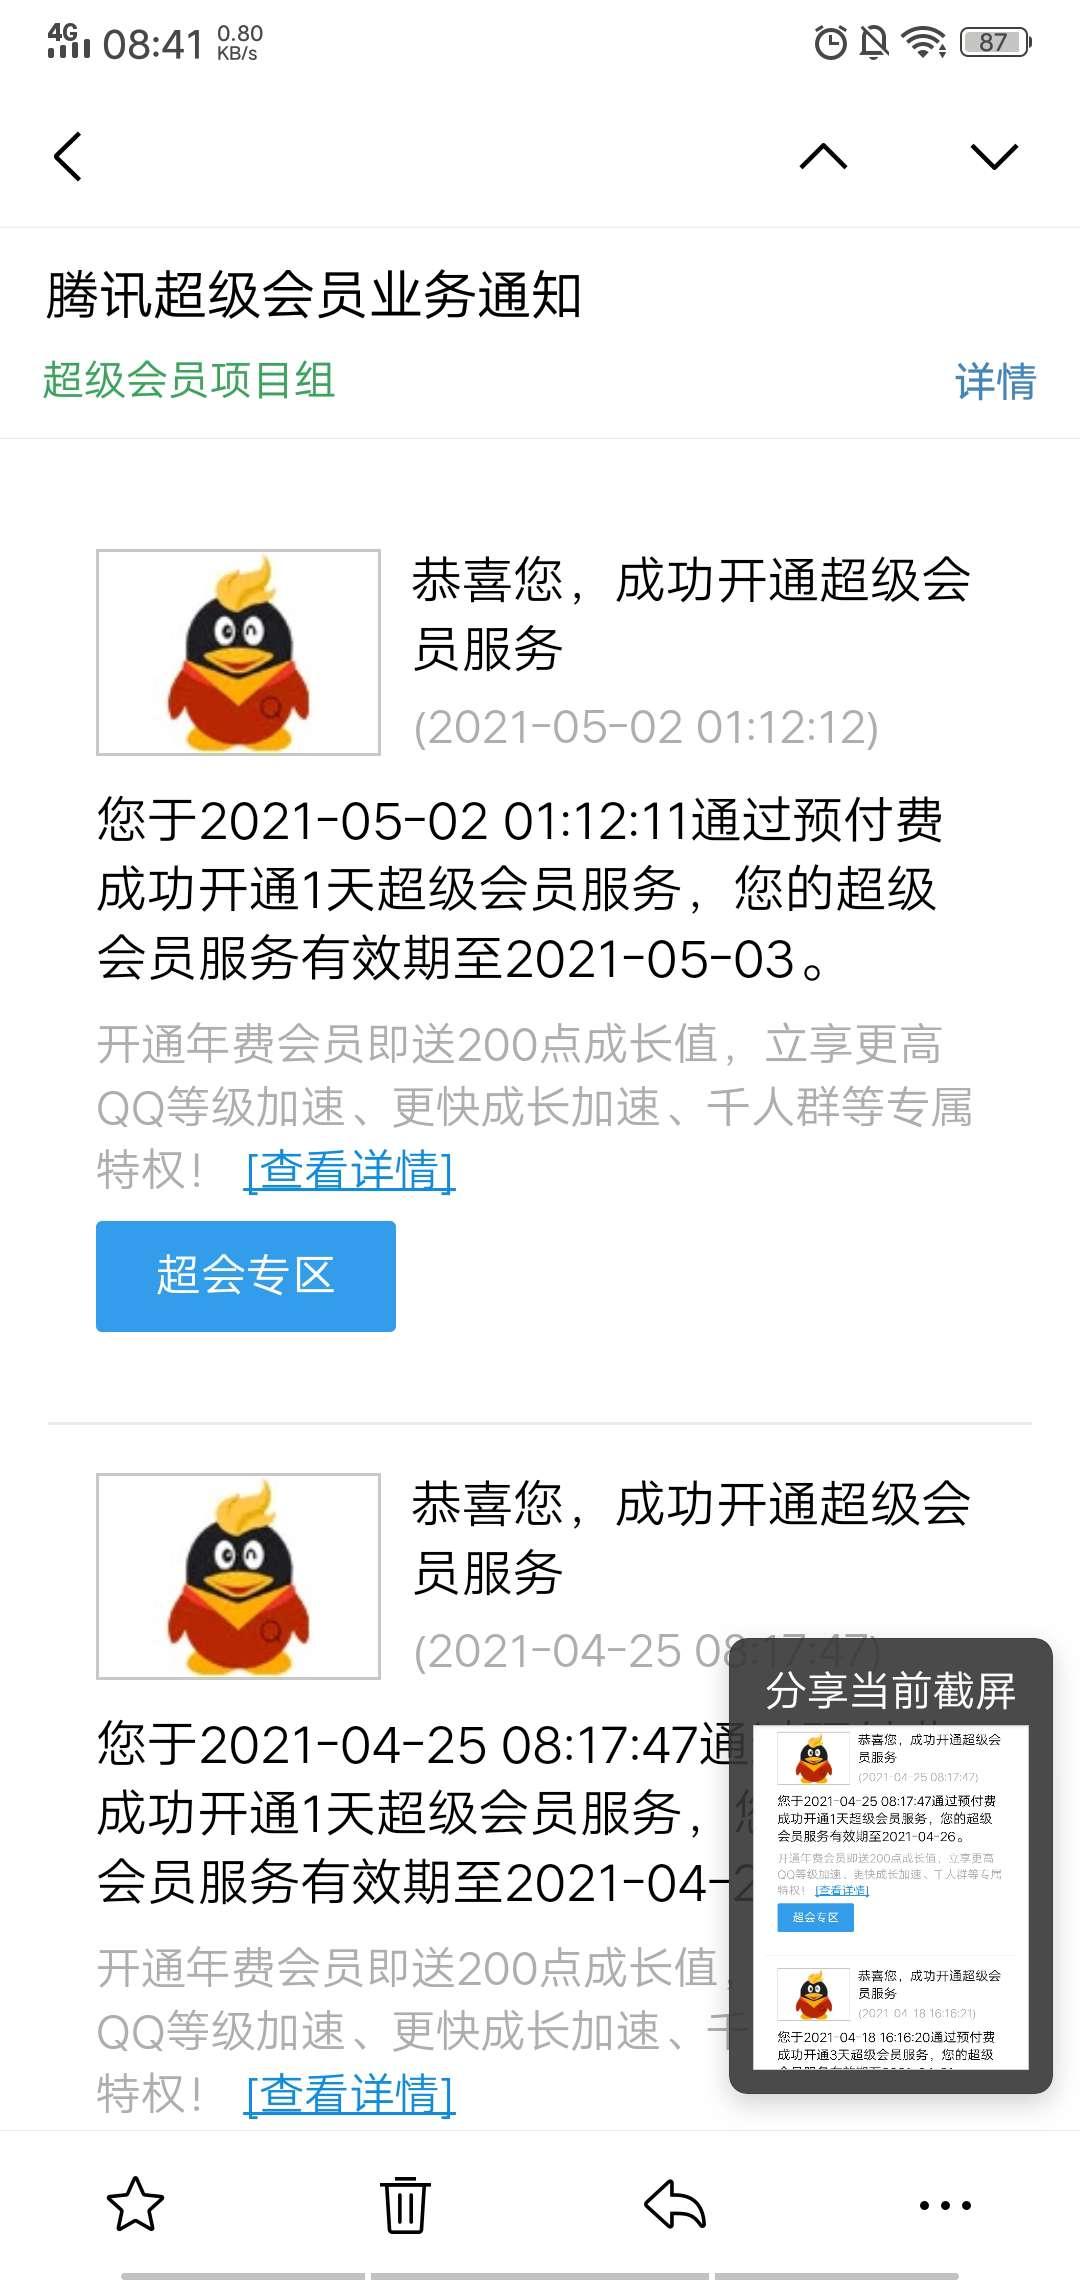 QQ小程序每周领超级会员